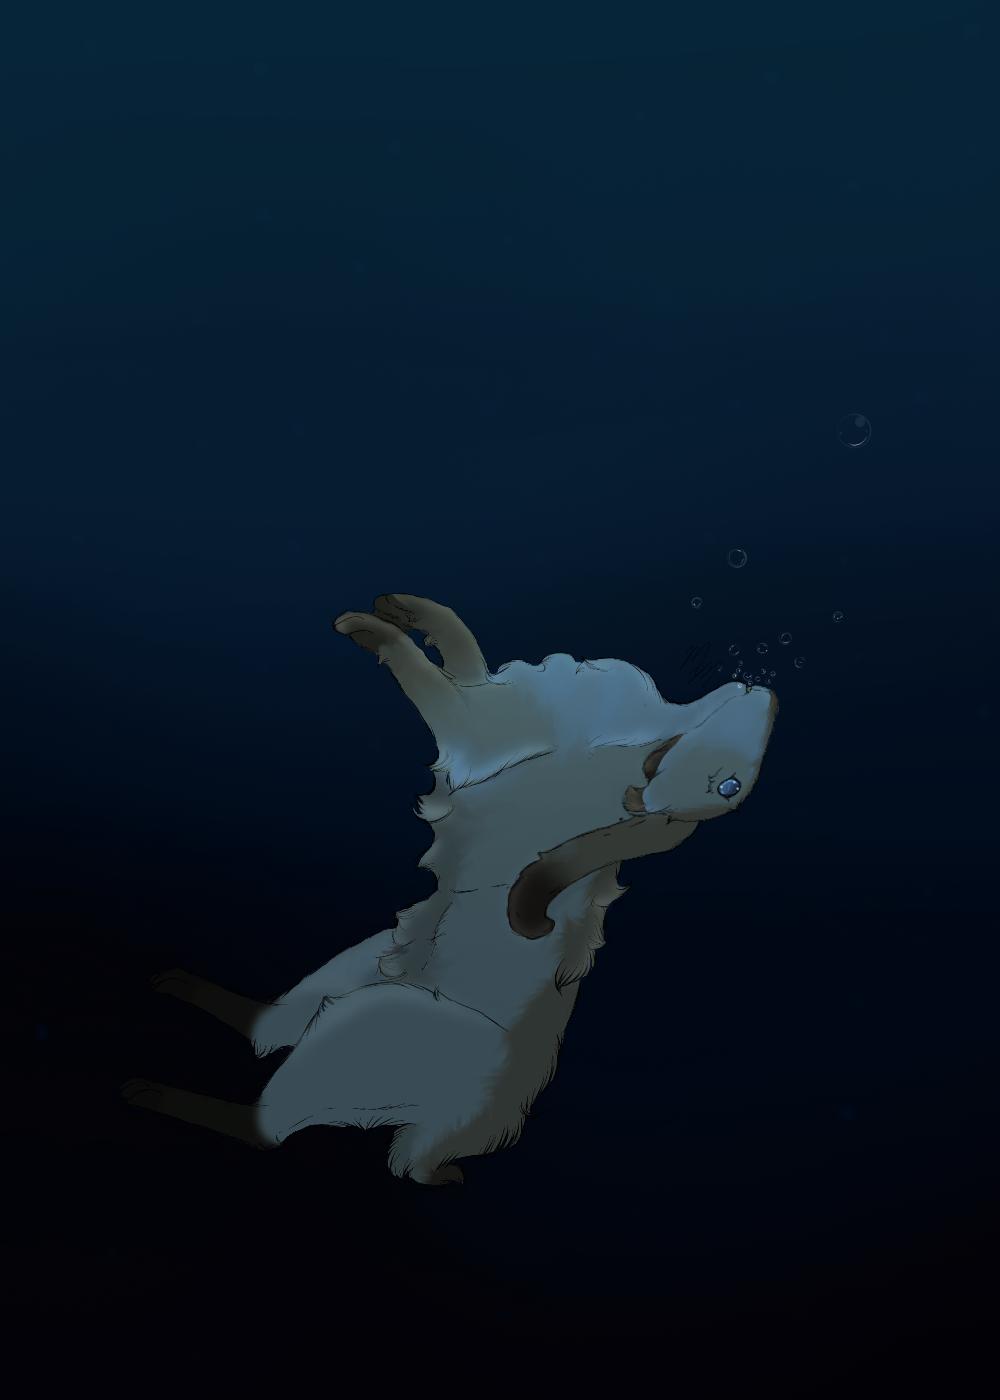 Drown by MooshieMoo